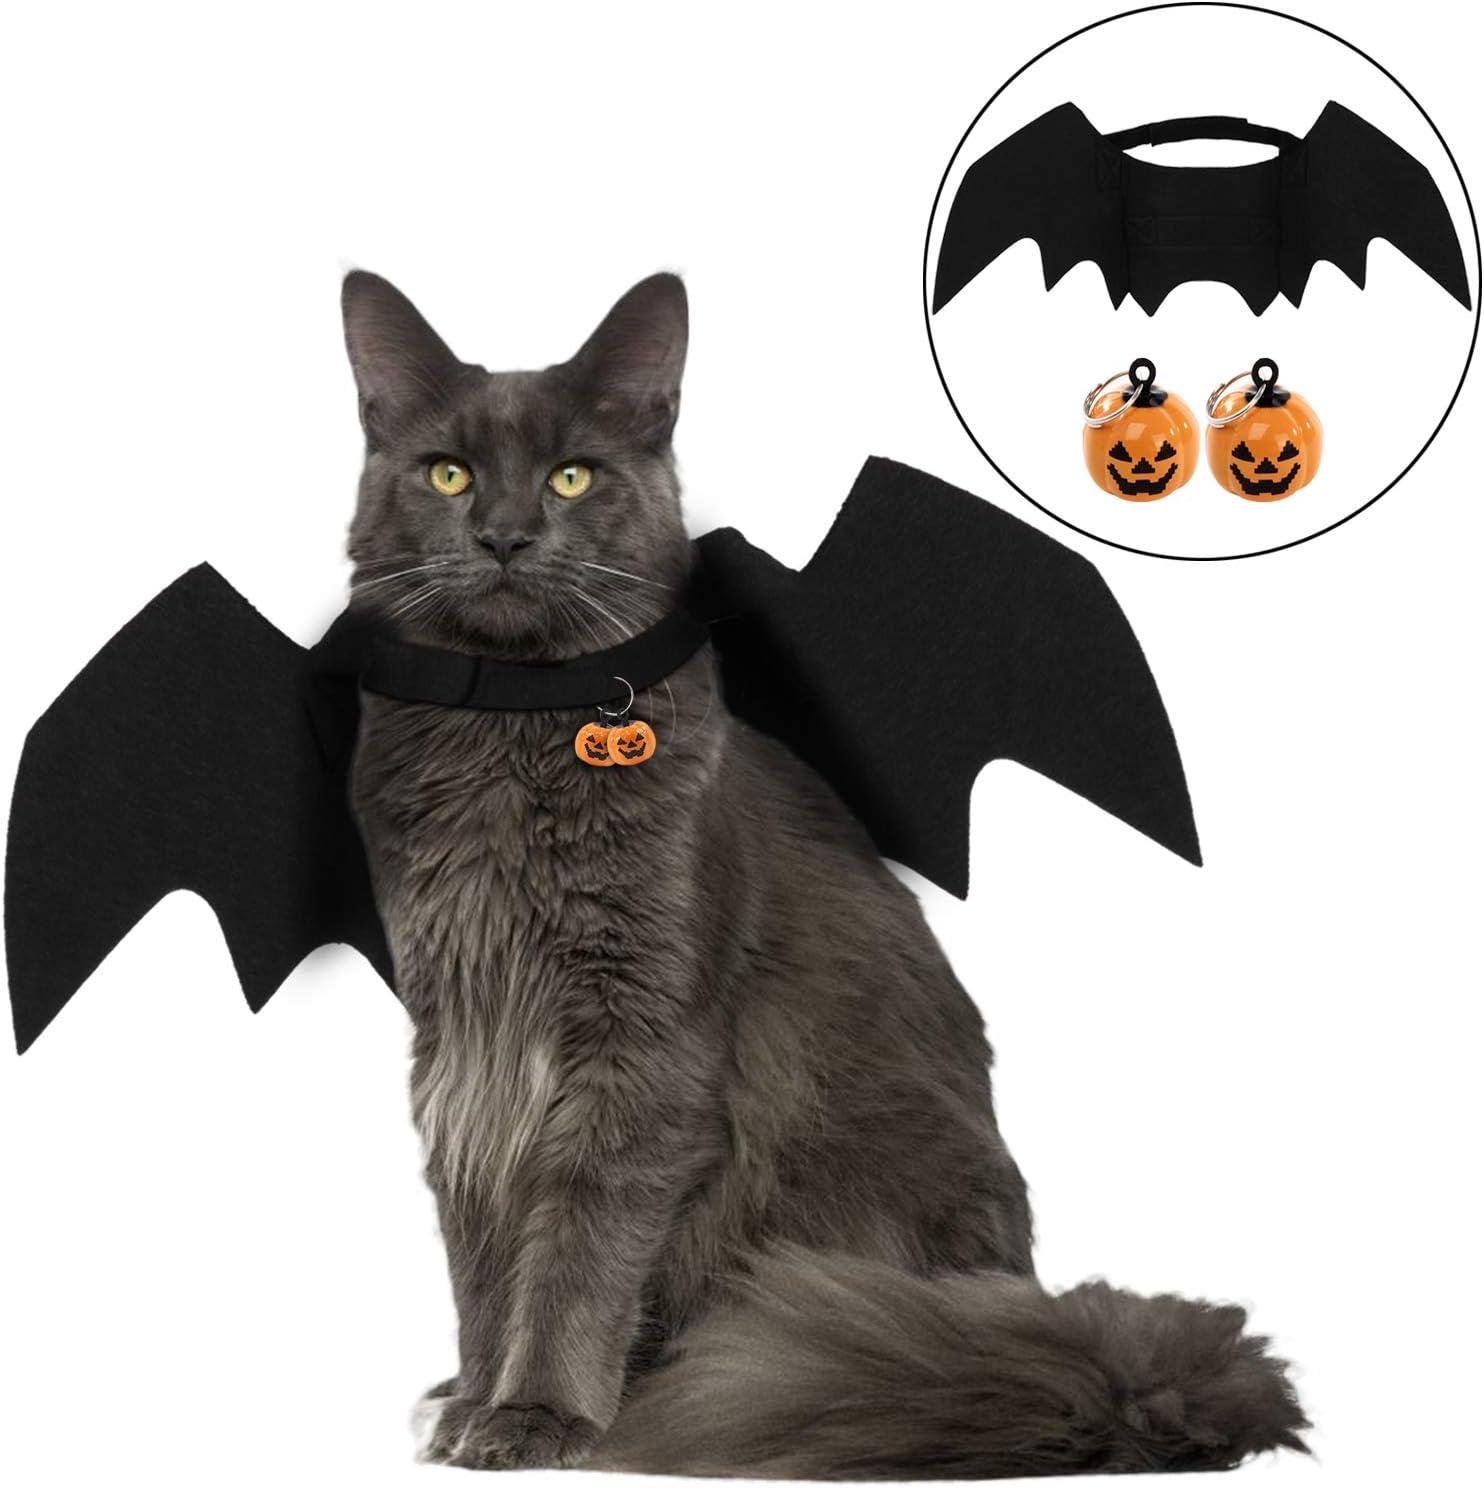 Legendog Cat Costume ...  sc 1 st  Amazon.com & Amazon.com: Costumes - Apparel u0026 Accessories: Pet Supplies